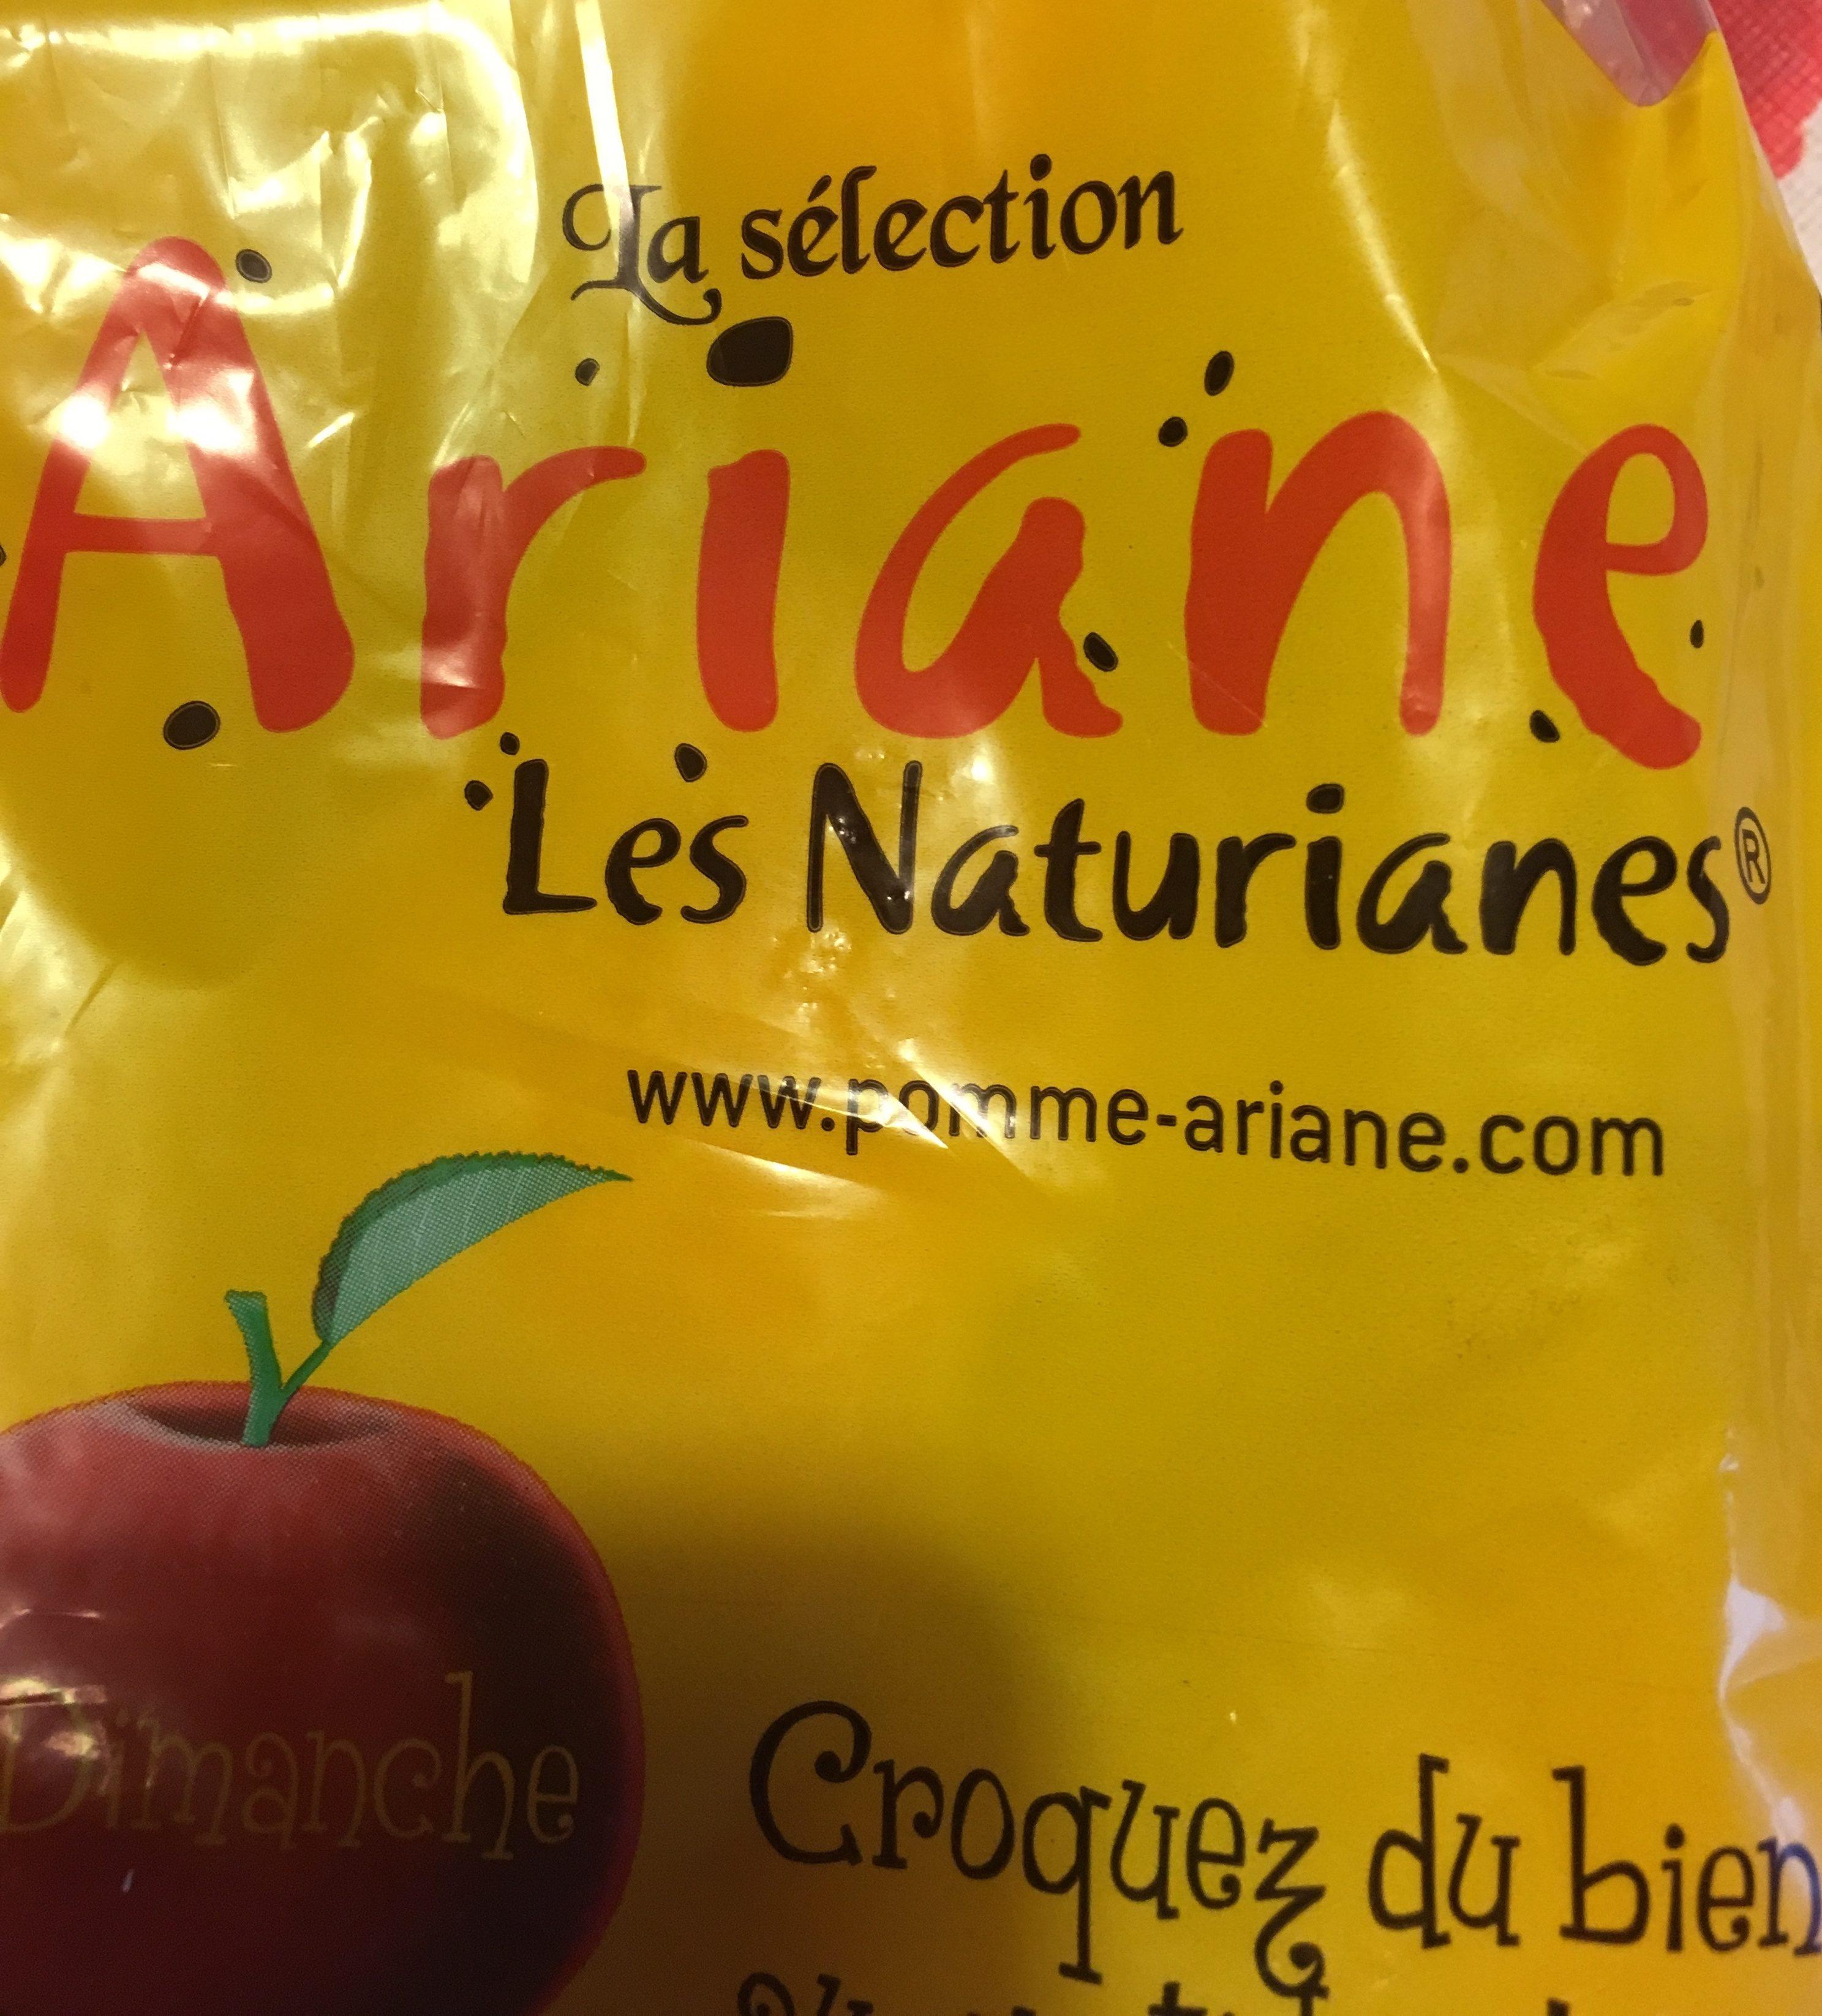 Pomme Ariane, calibre 136/200, catégorie 1, France, sachet - Ingrédients - fr